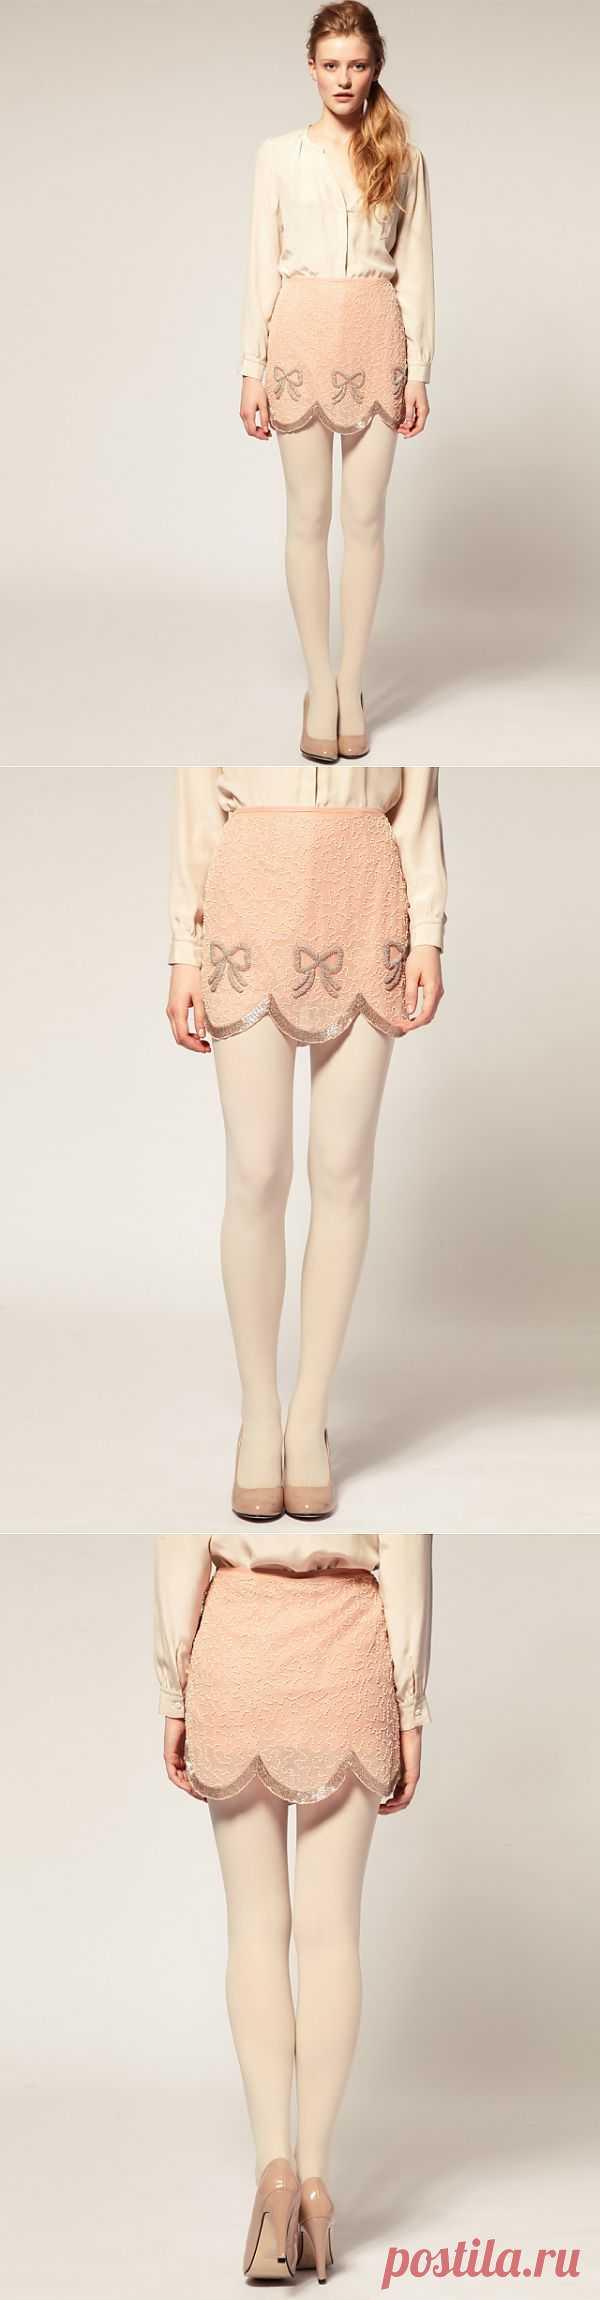 Юбка, вышитая бисером / Юбки и их переделки / Модный сайт о стильной переделке одежды и интерьера